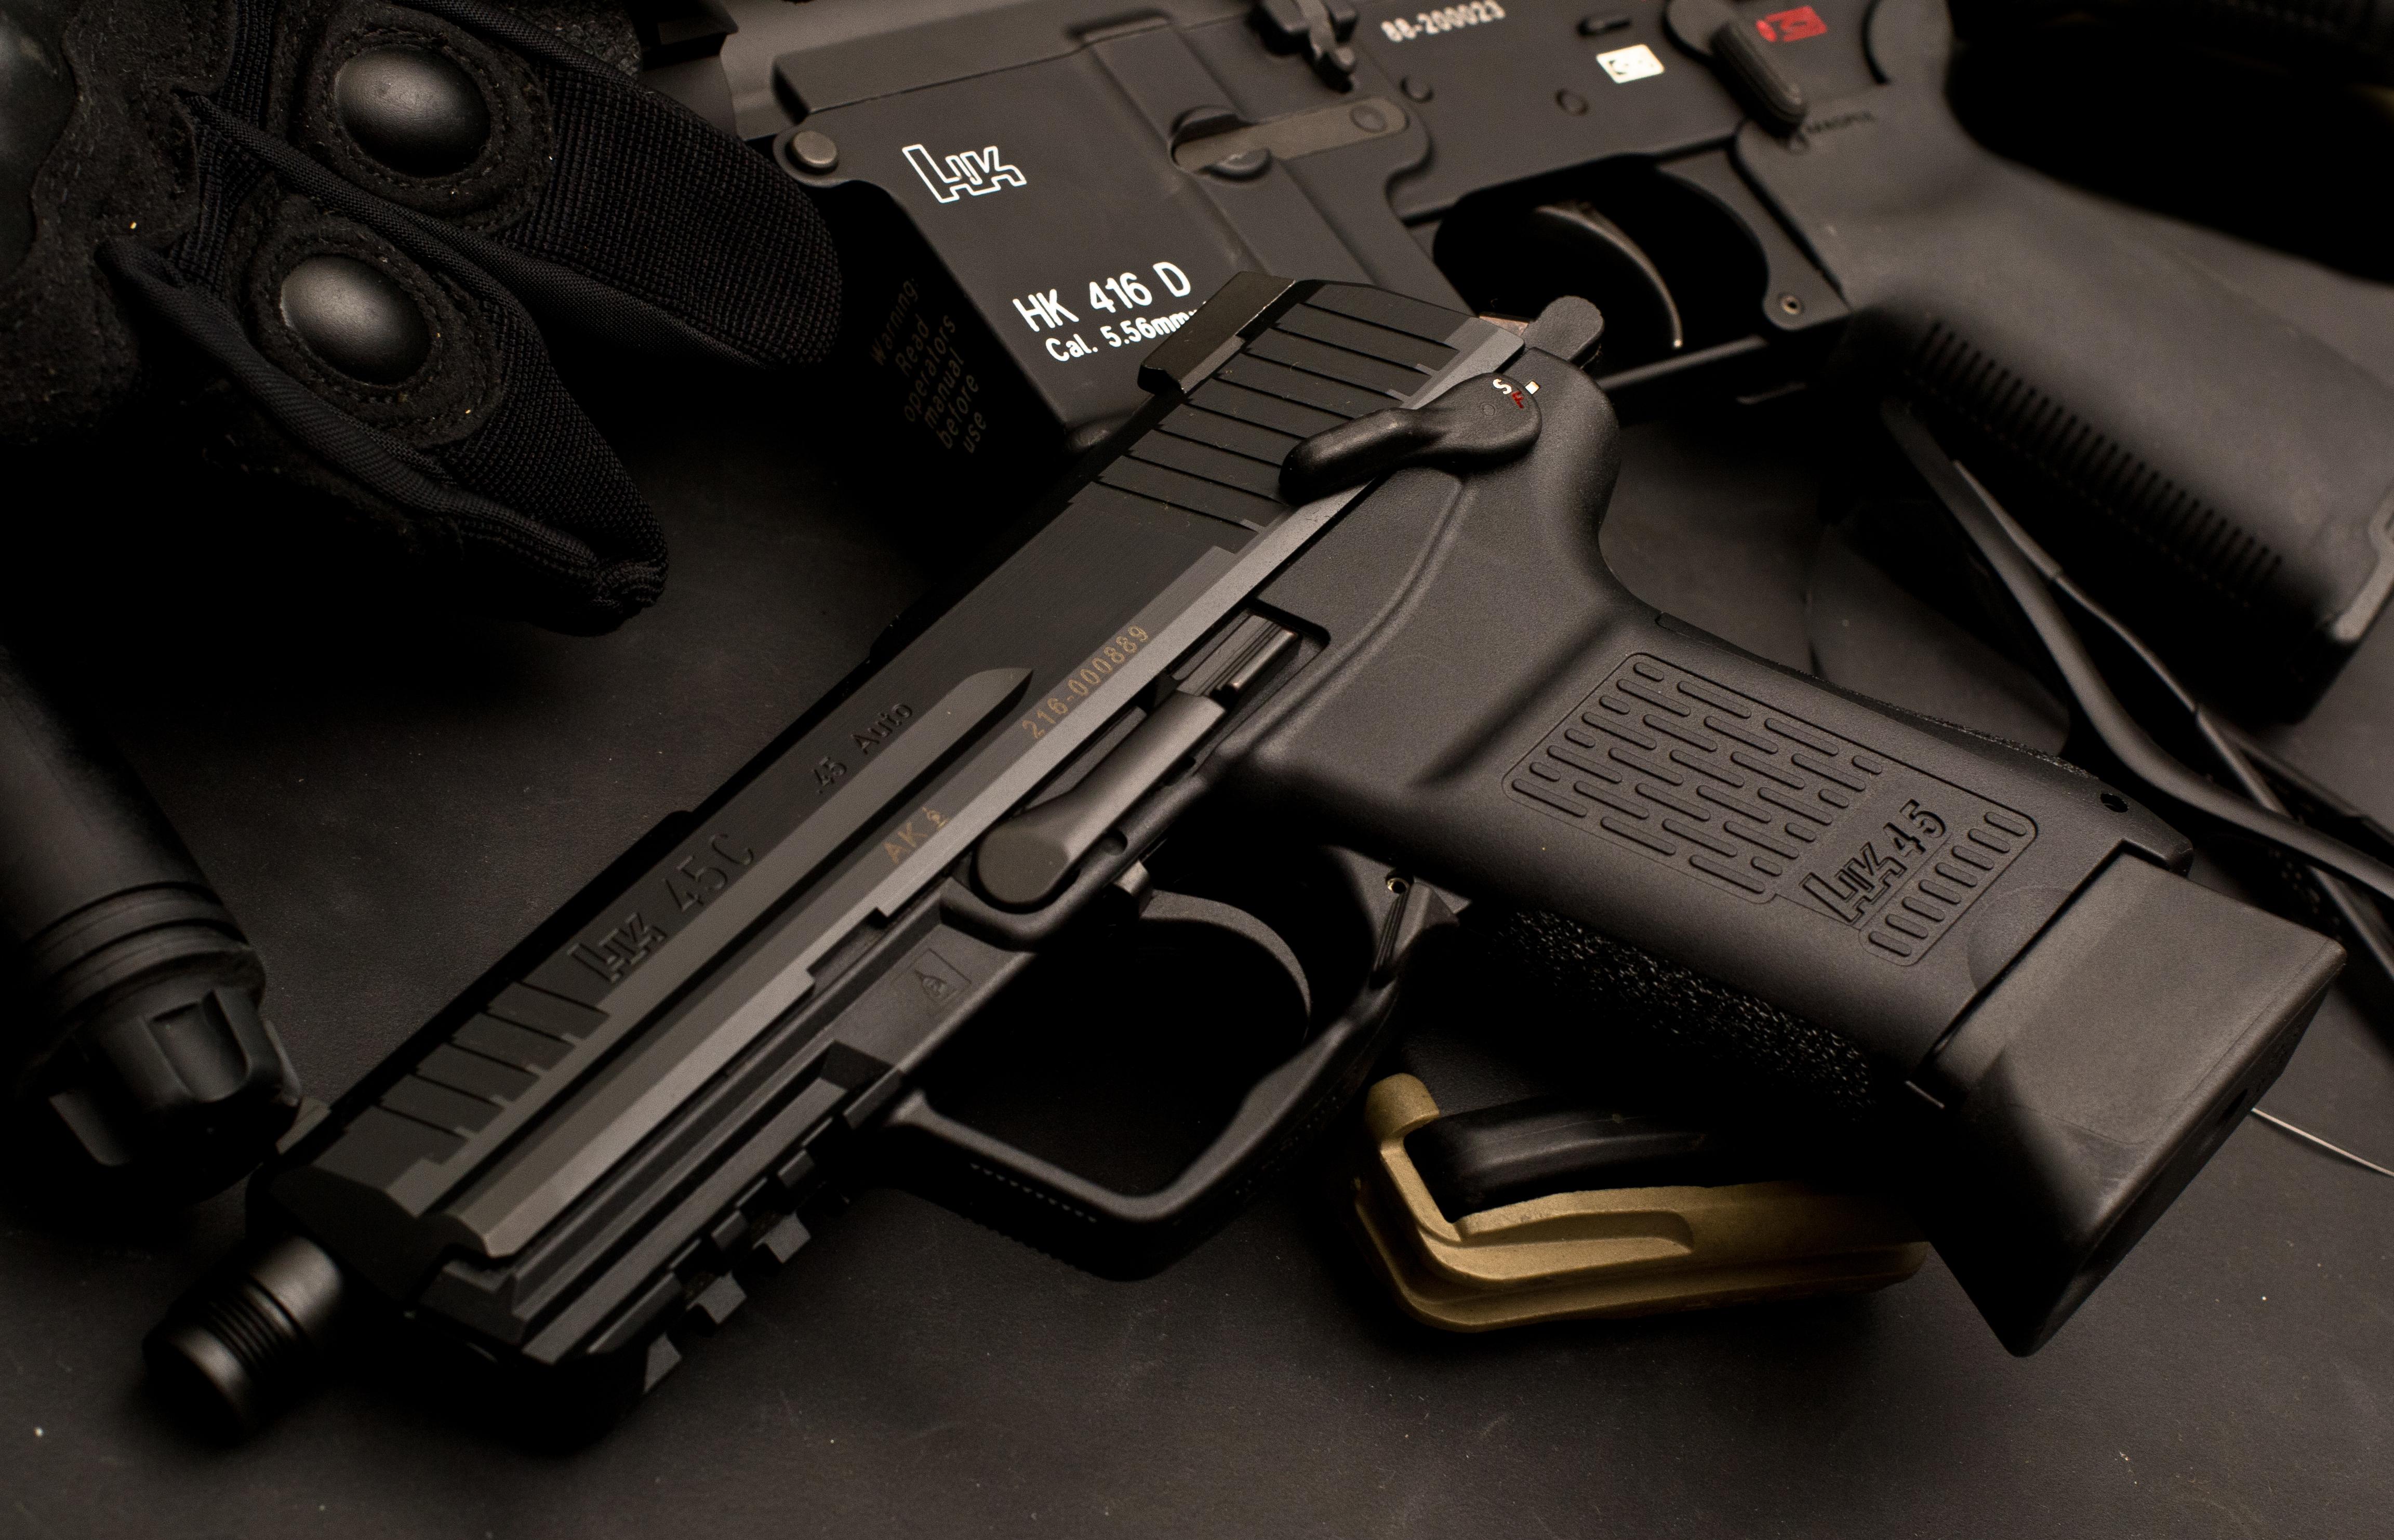 Weapons - Heckler & Koch Pistol Wallpaper